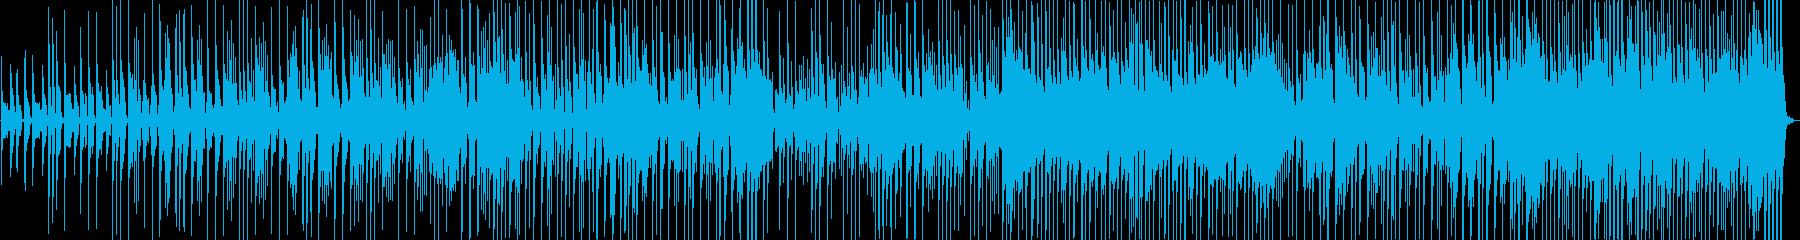 明るくてシンプルなアコースティック音楽の再生済みの波形